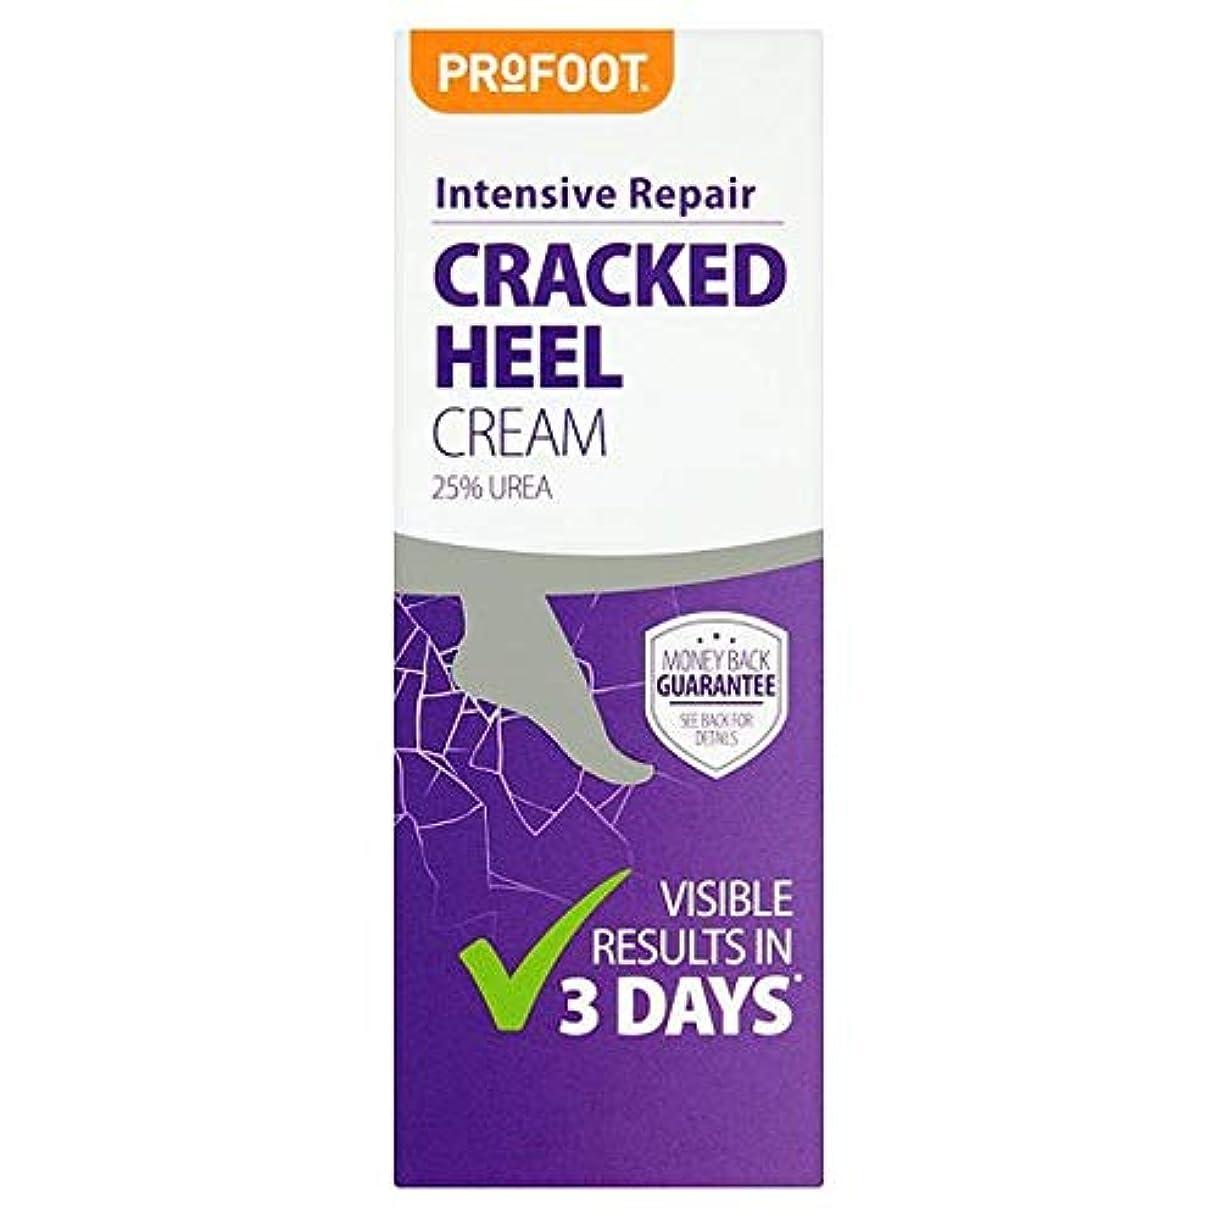 有毒な件名過ち[Profoot] Profootひび割れかかとクリーム60ミリリットル - Profoot Cracked Heel Cream 60Ml [並行輸入品]